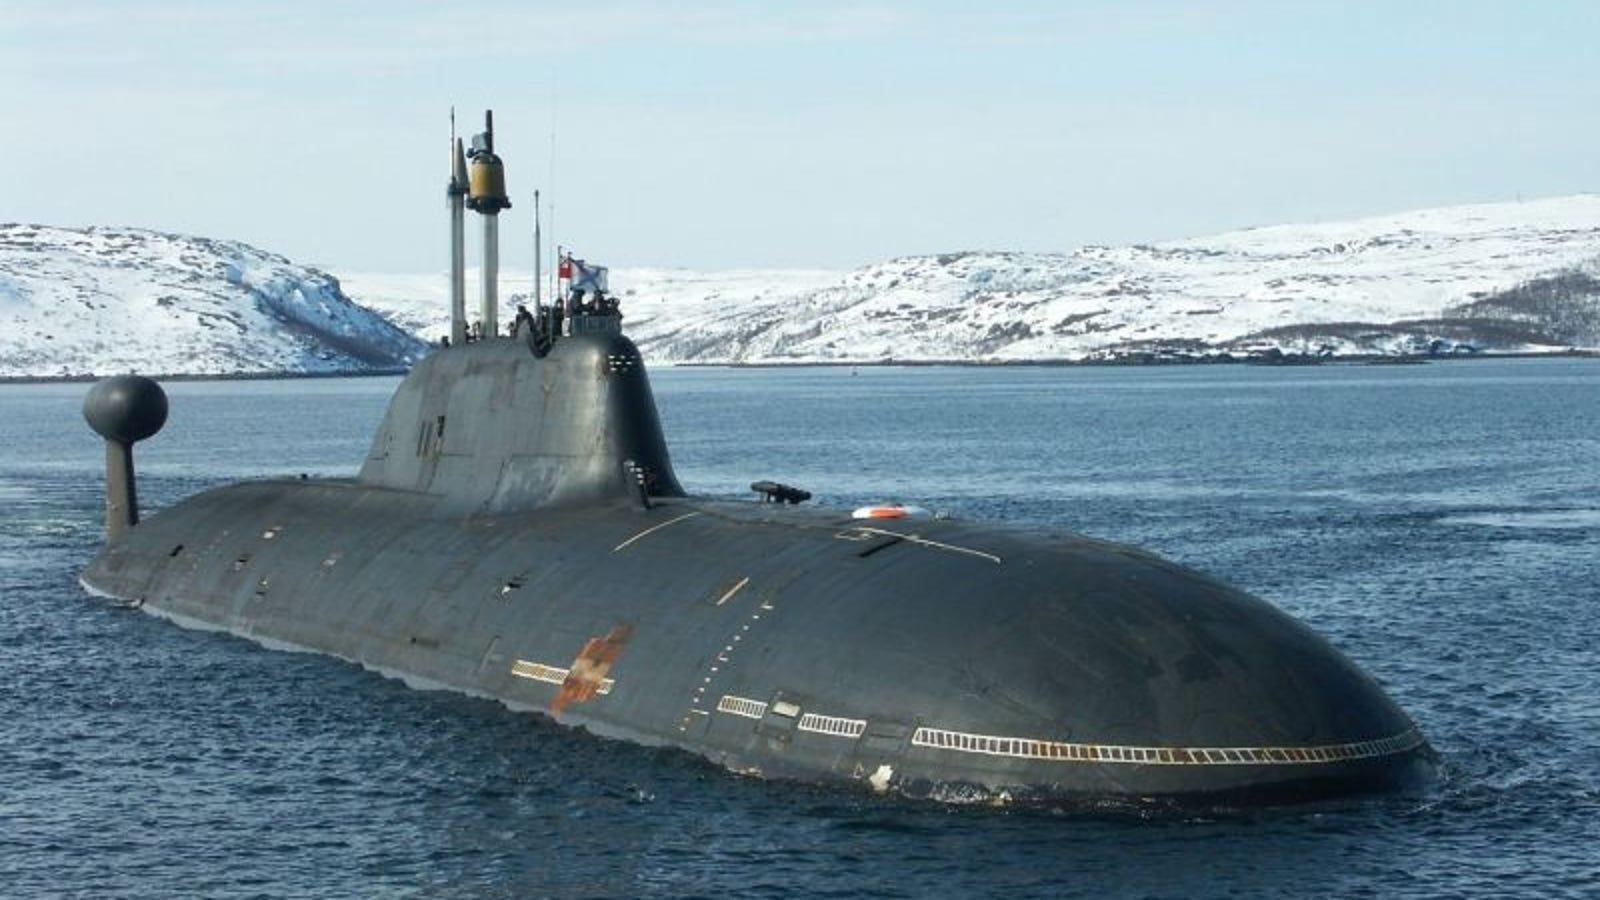 Cómo los Akula soviéticos cambiaron para siempre la guerra submarina